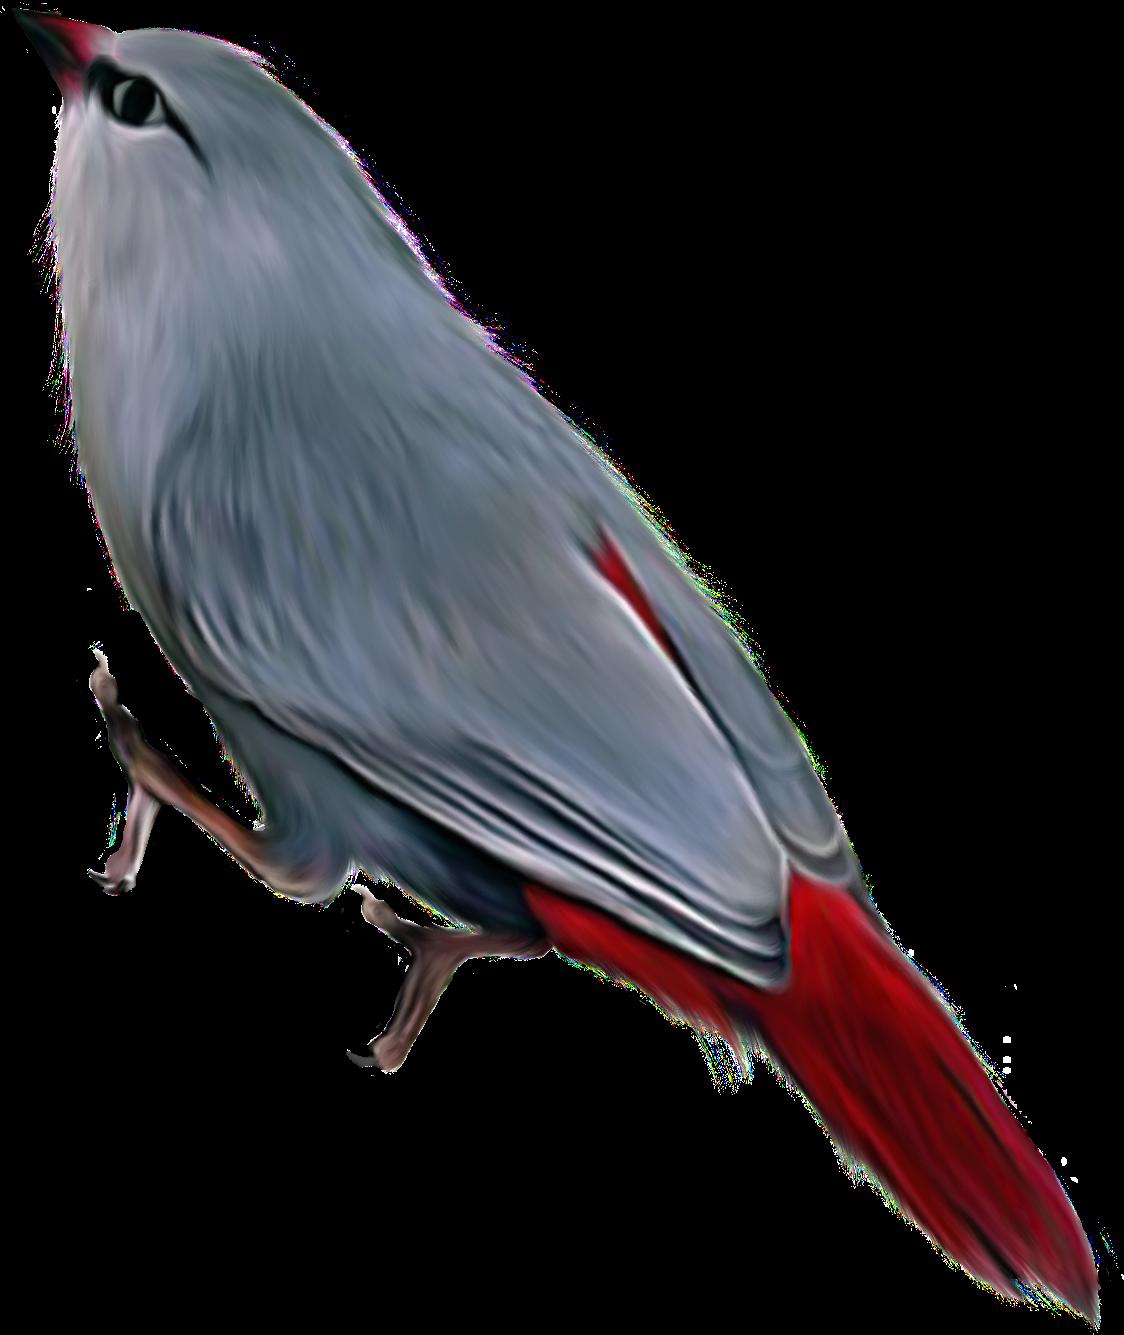 طيور خامات صور للتصميم-خامات للتصميم-تصاميم فو تشوب-ادوات المصمم